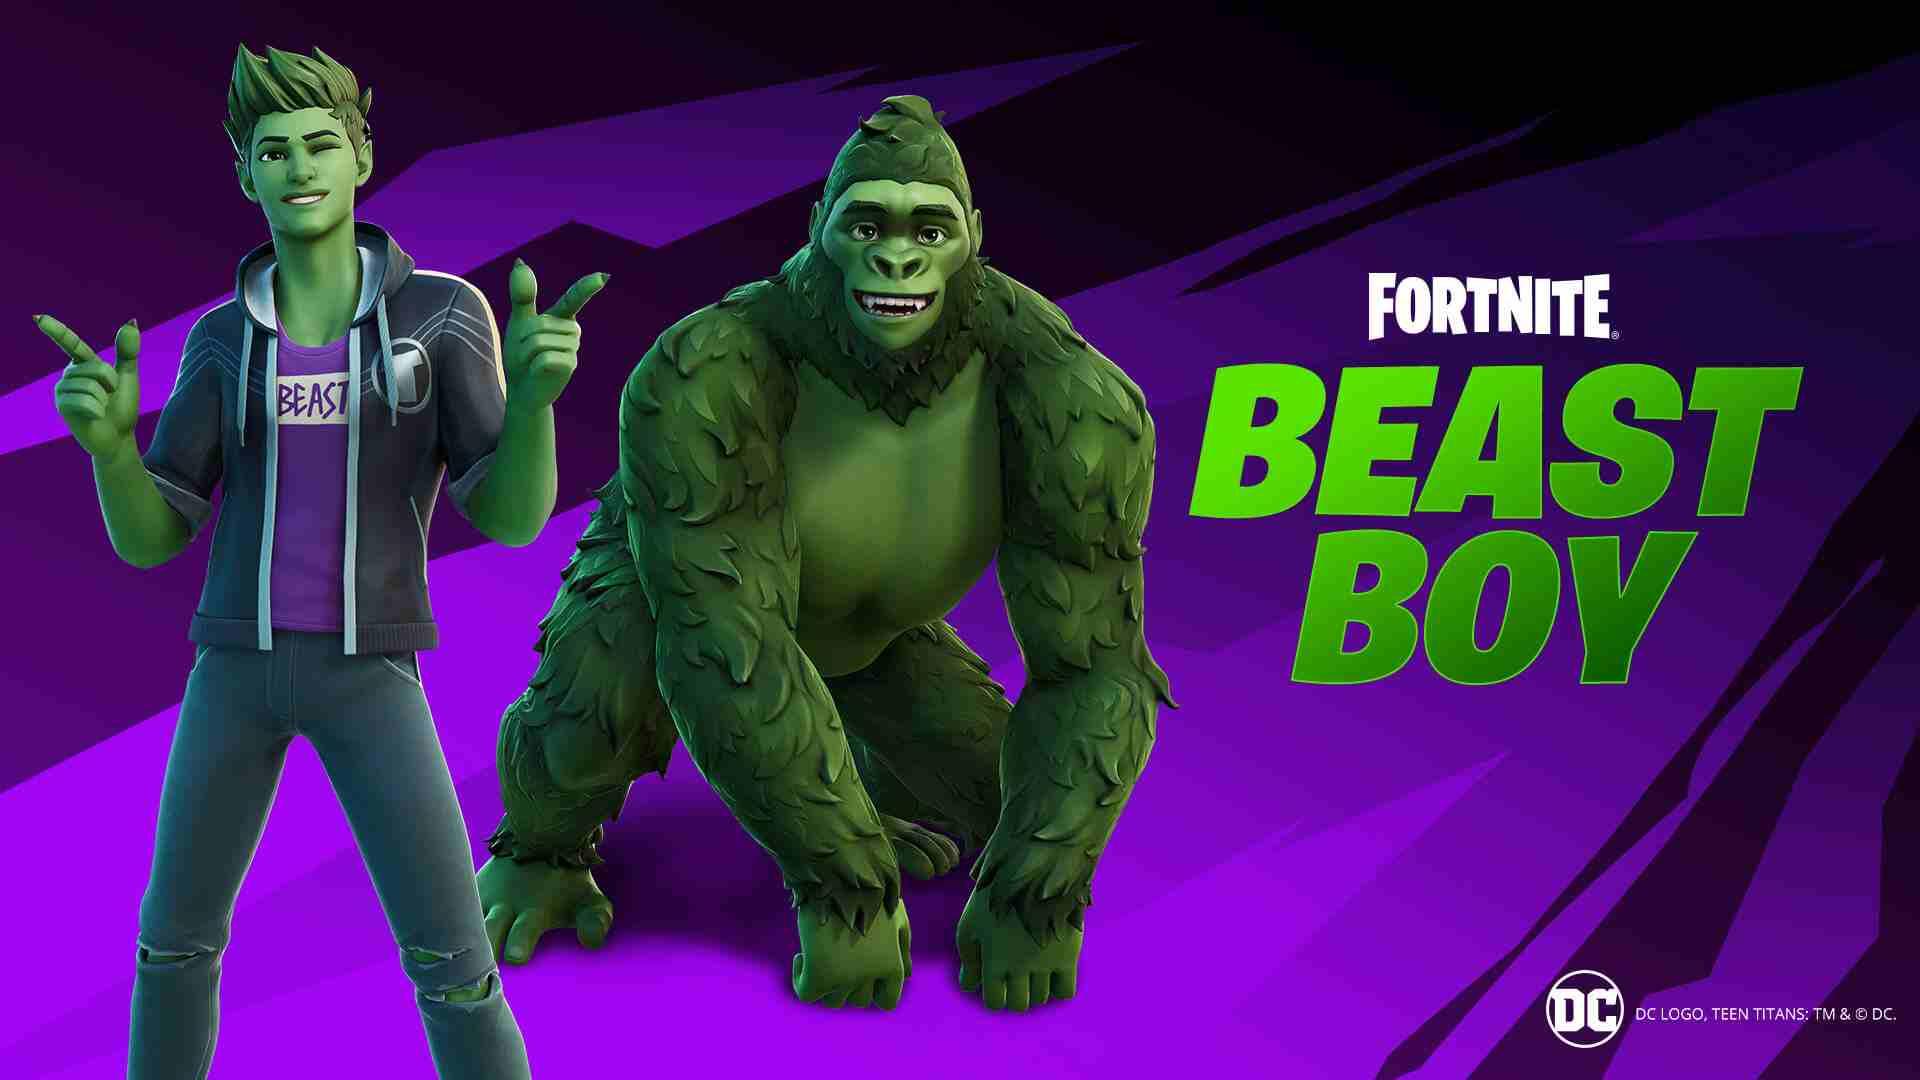 Fortnite Beast Boy